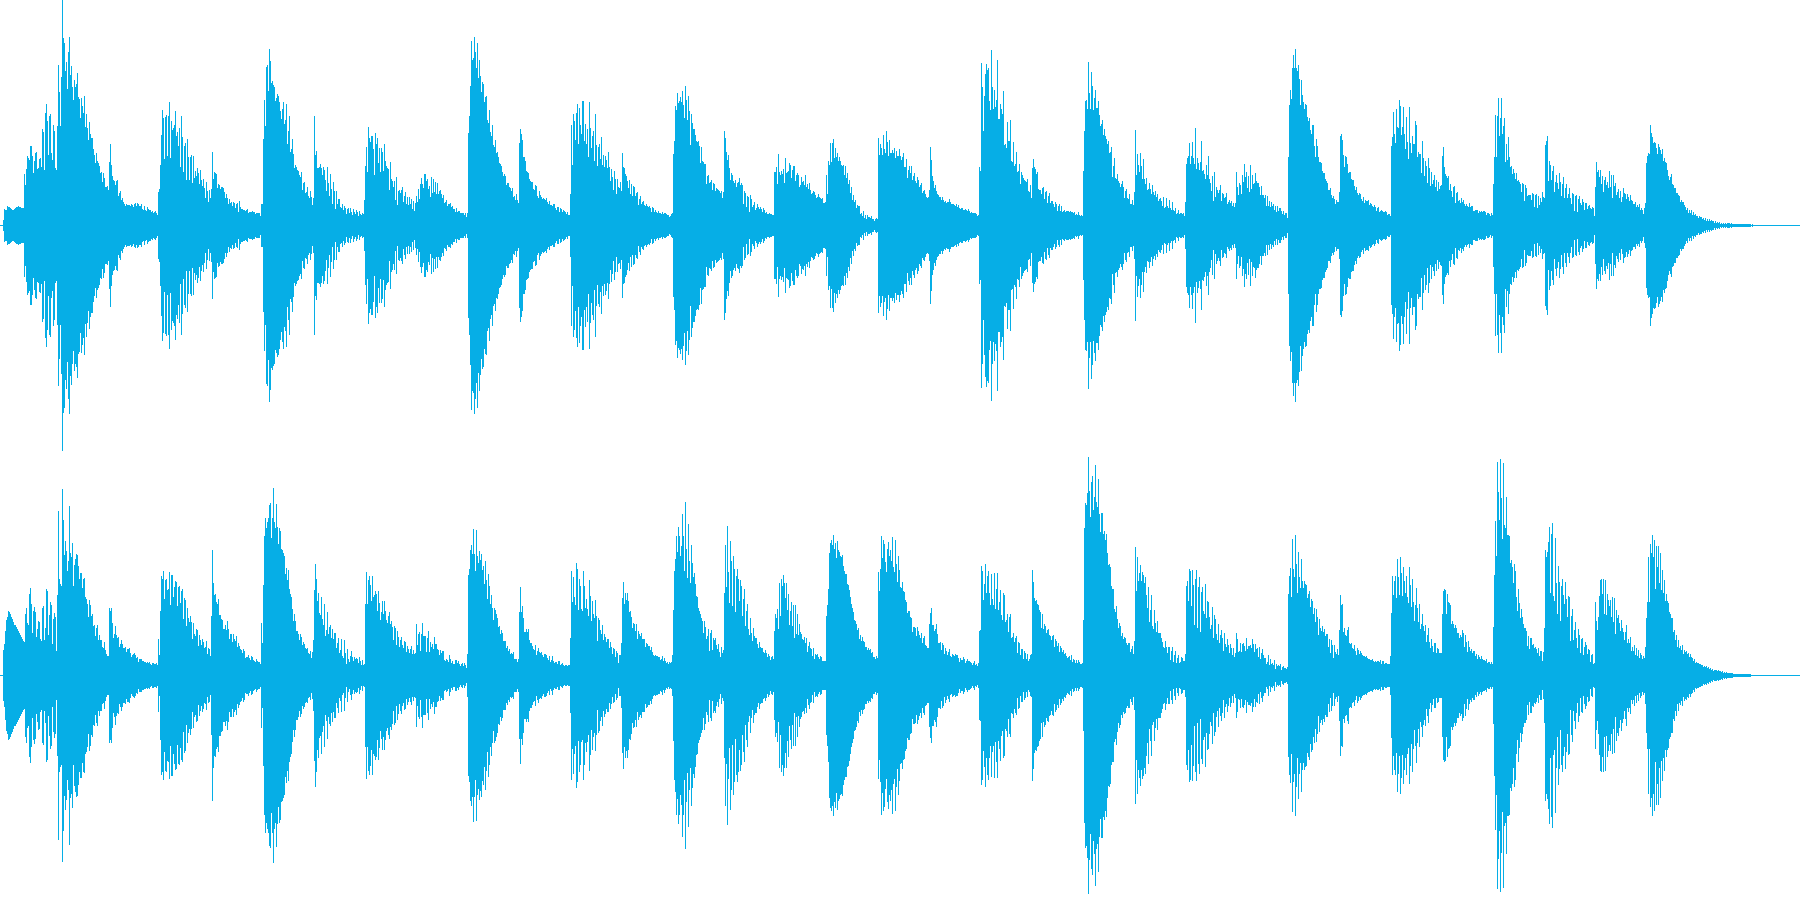 マリンバの優しいジングルの再生済みの波形